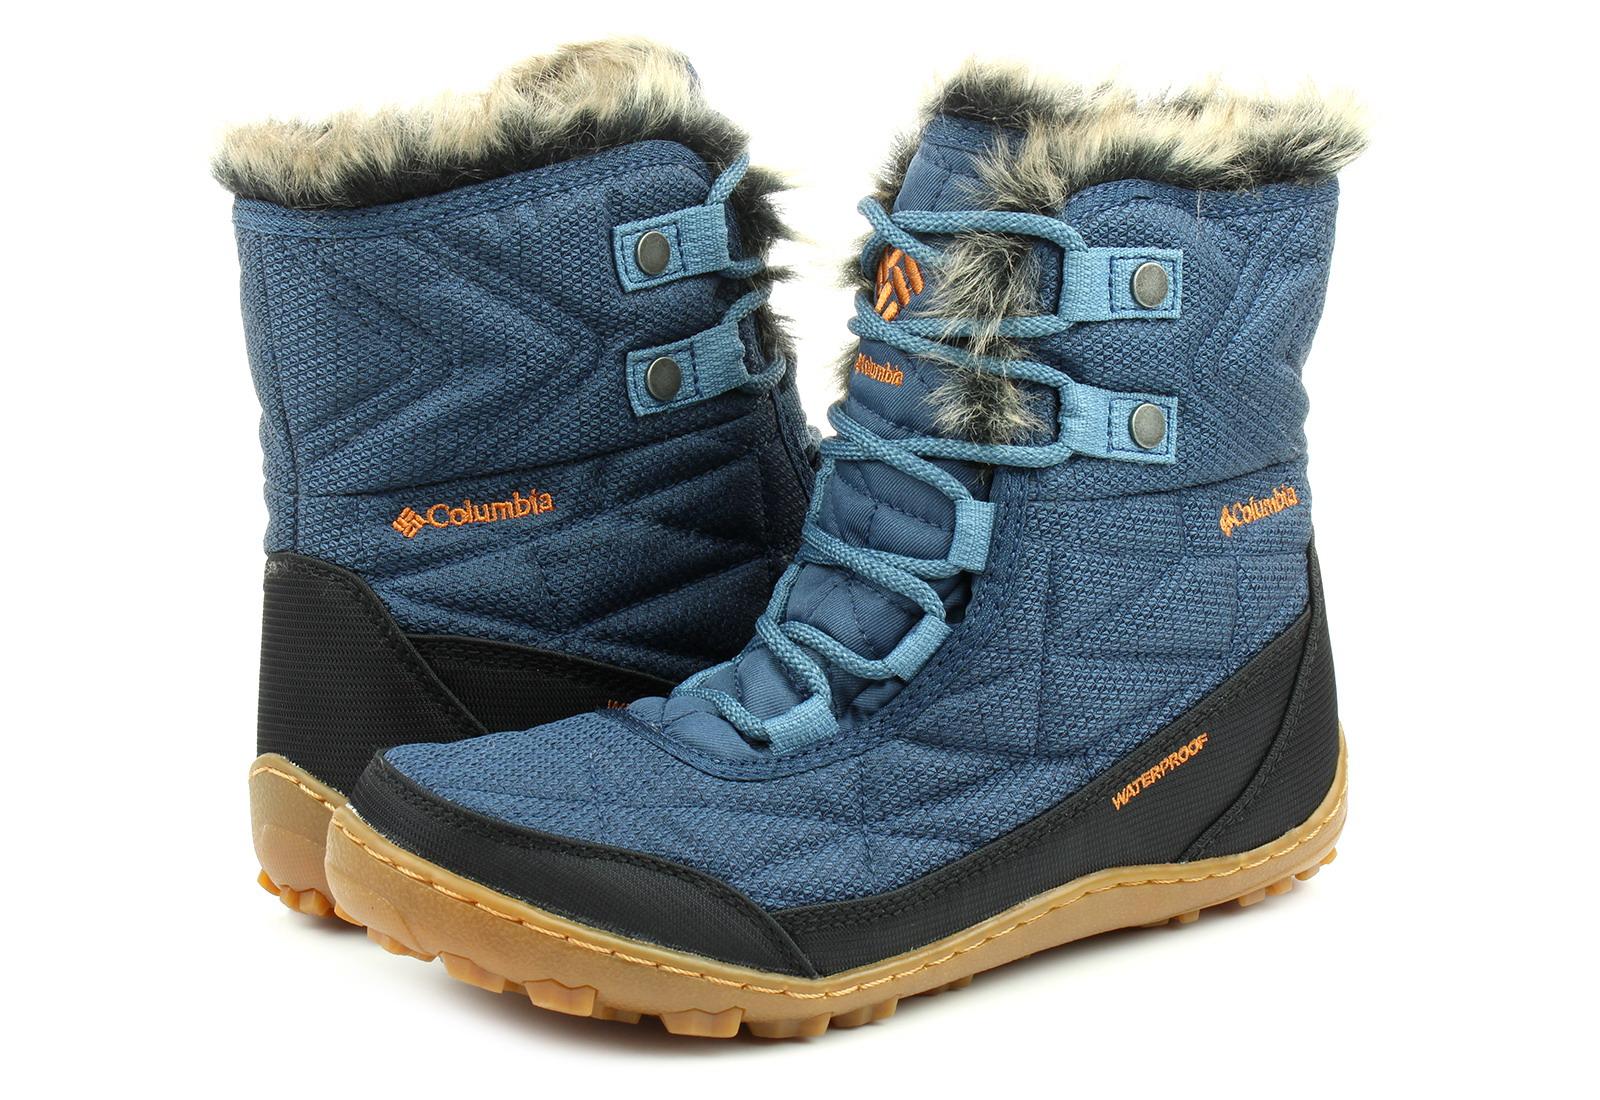 gânduri pe pantofi clasici pantofi autentici Columbia Cizme - Minx Shorty Iii Santa Fe - 1812181-zin - Office ...